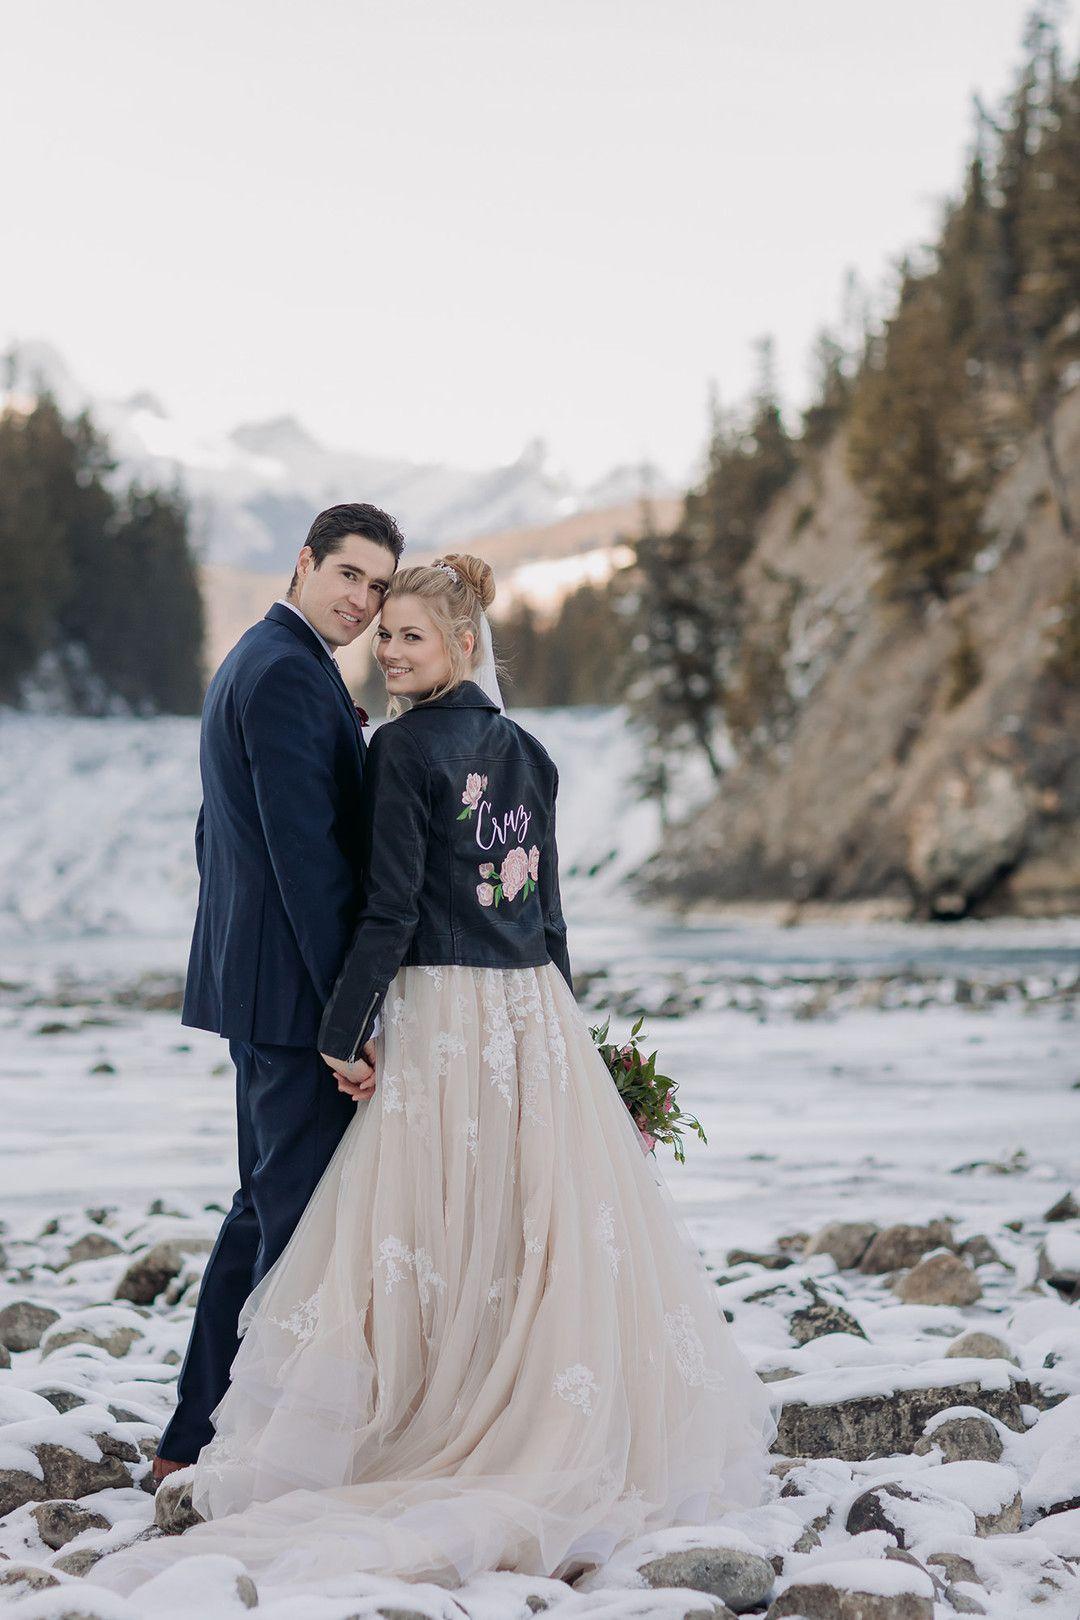 Winter Wonderland Wedding in Banff Winter wonderland